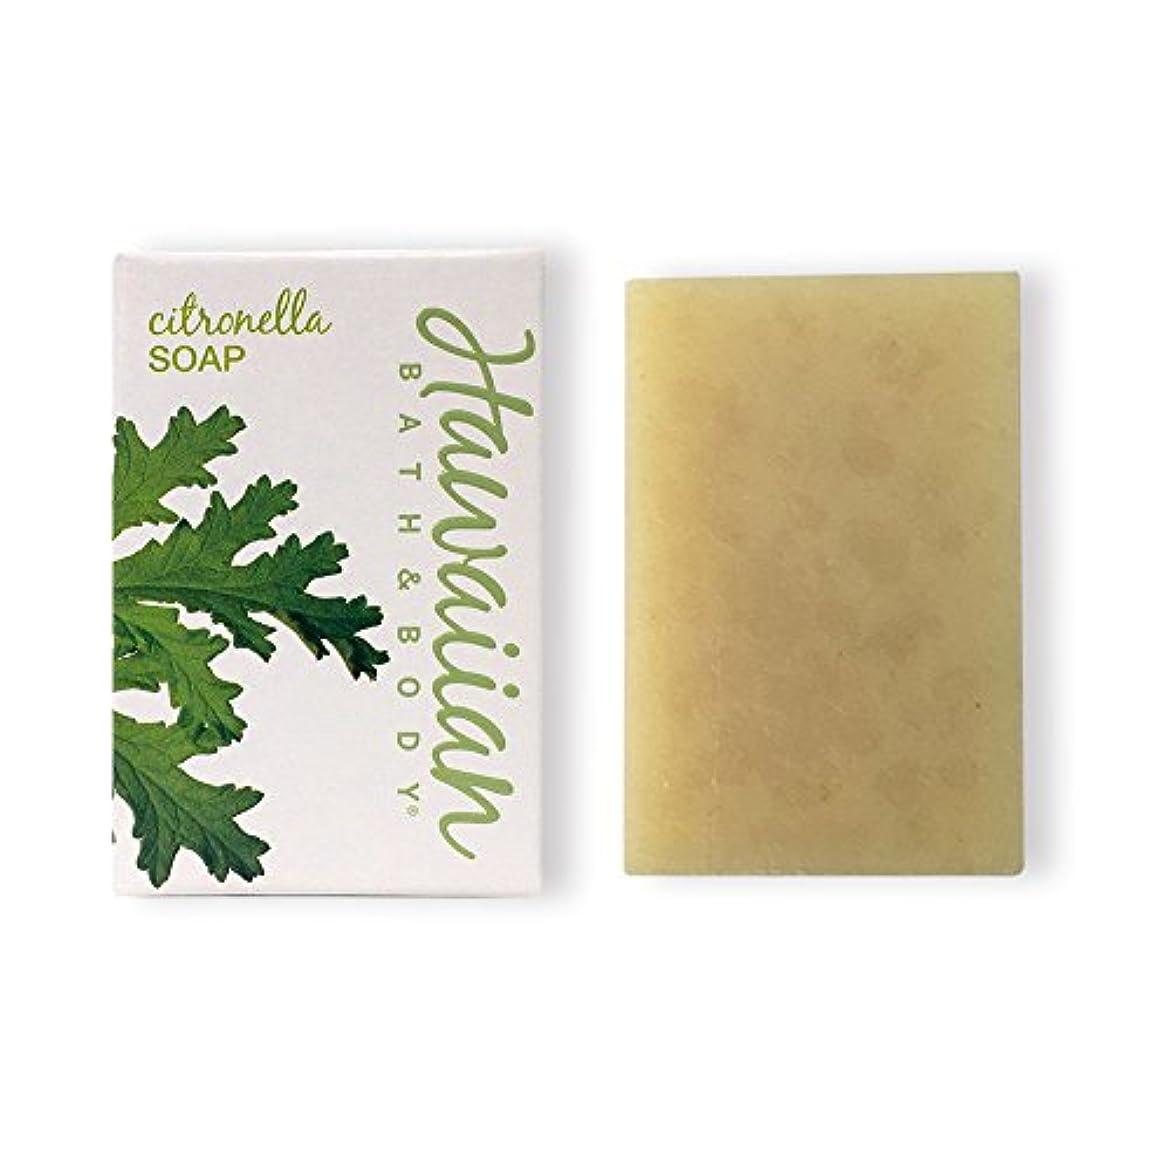 出くわす領収書平野ハワイアンバス&ボディ シトロネラソープ(ビーチバー)( Citronella Soap )